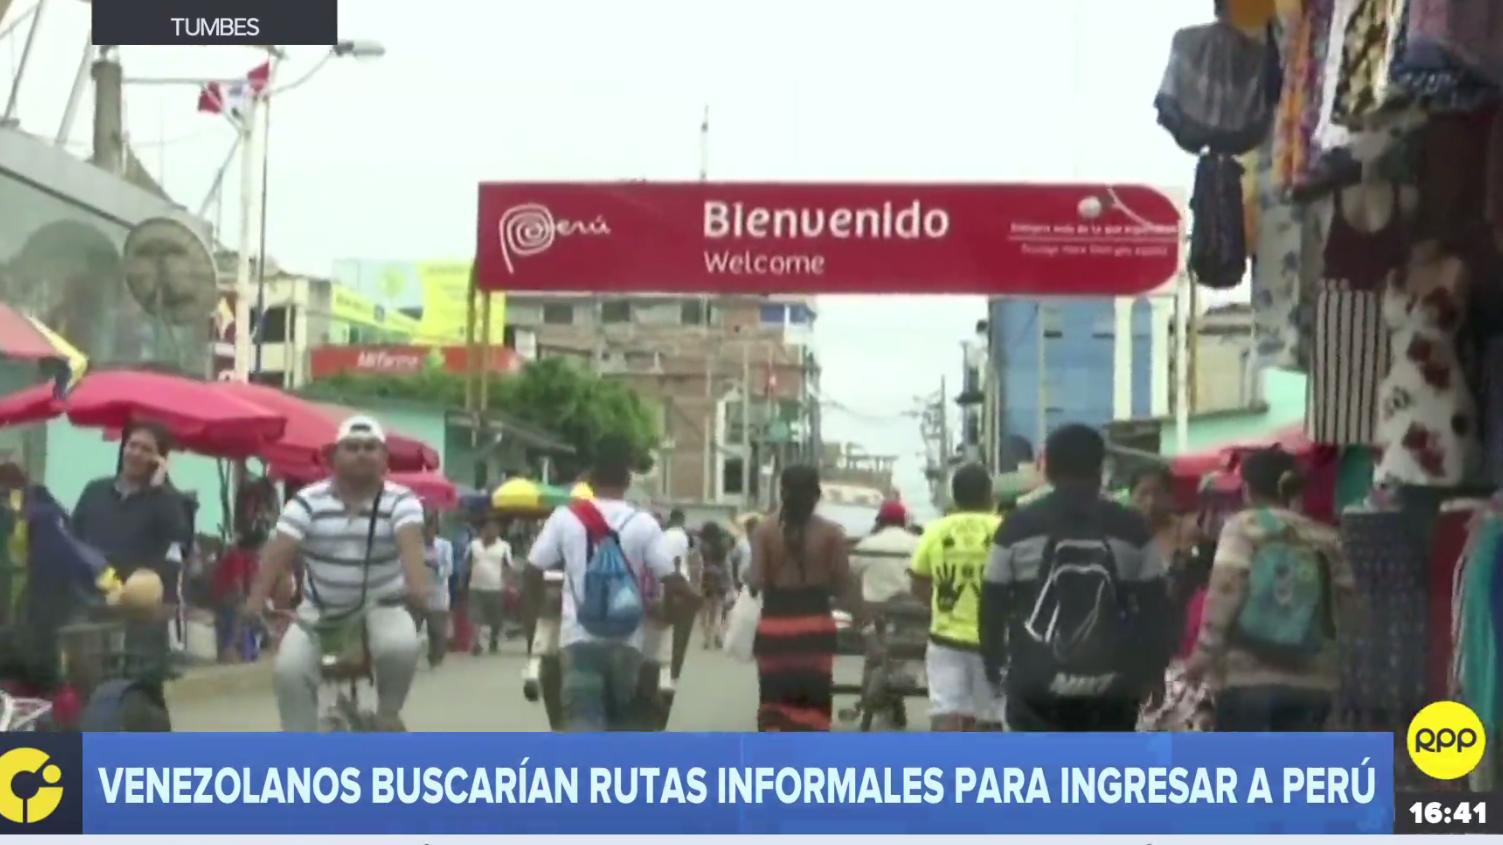 Ciudadanos venezolanos podrían usar rutas informales para ingresar al Perú.